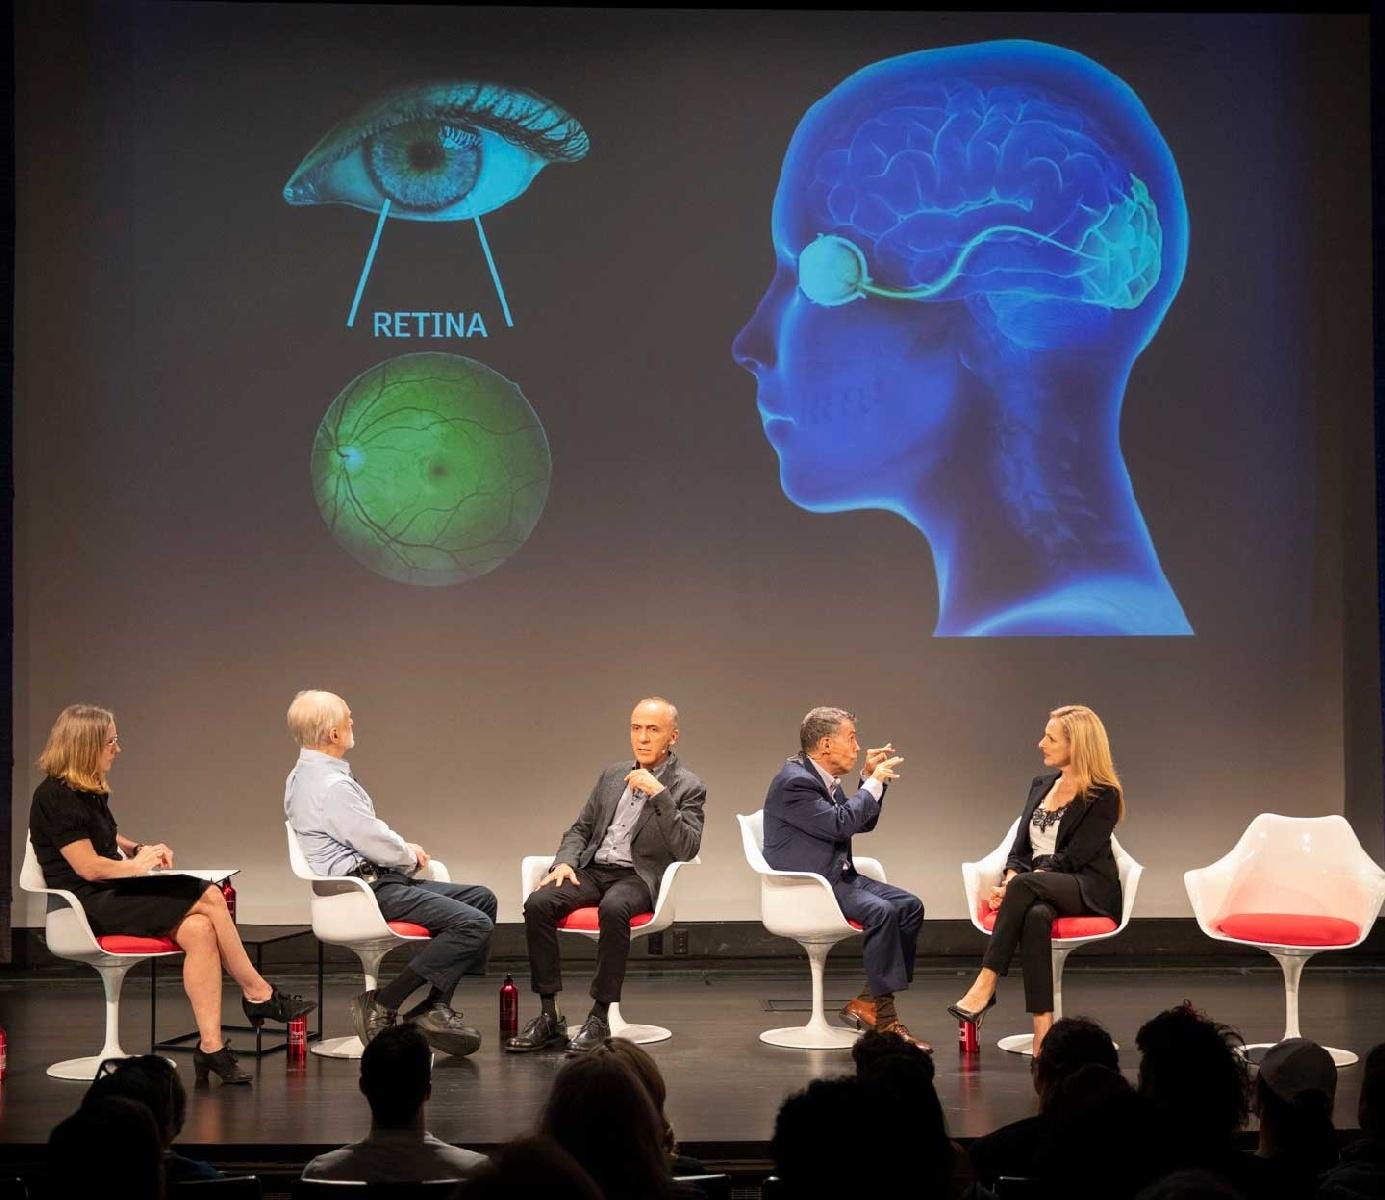 panelists on stage